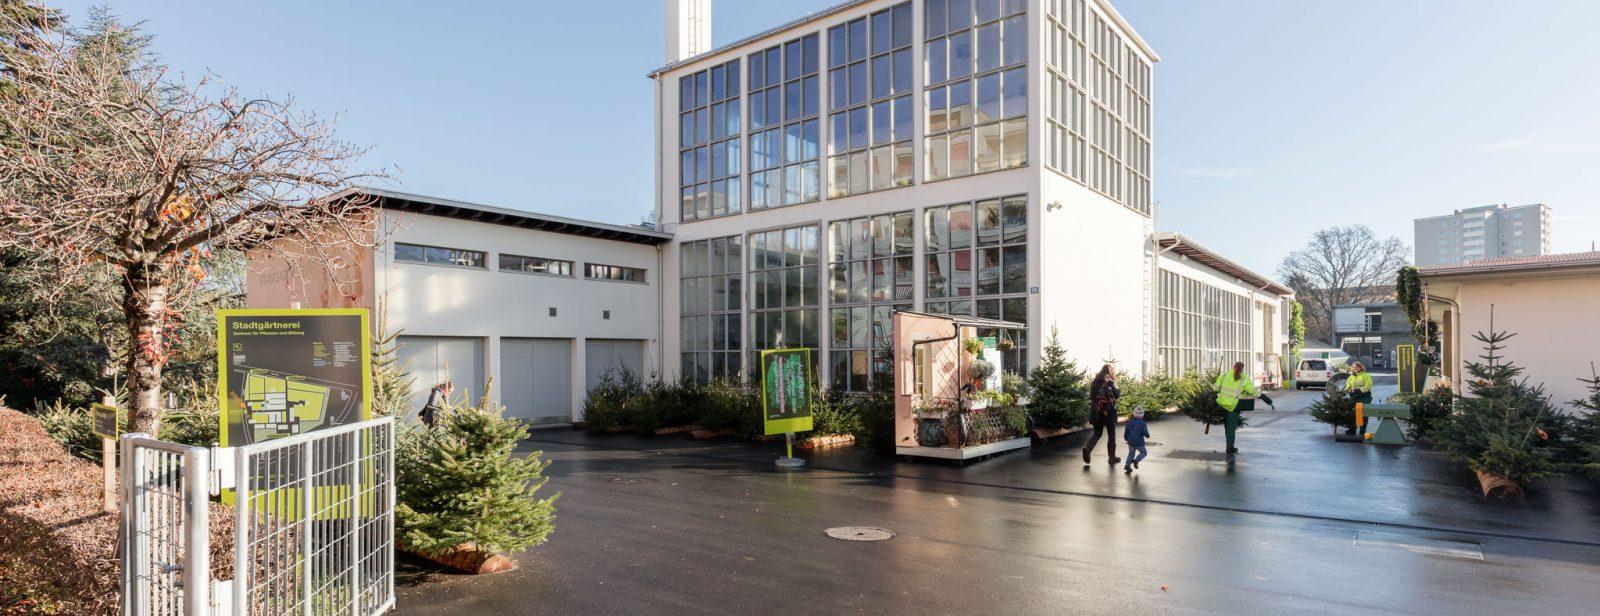 Instandsetzung Stadtgärtnerei, Zürich